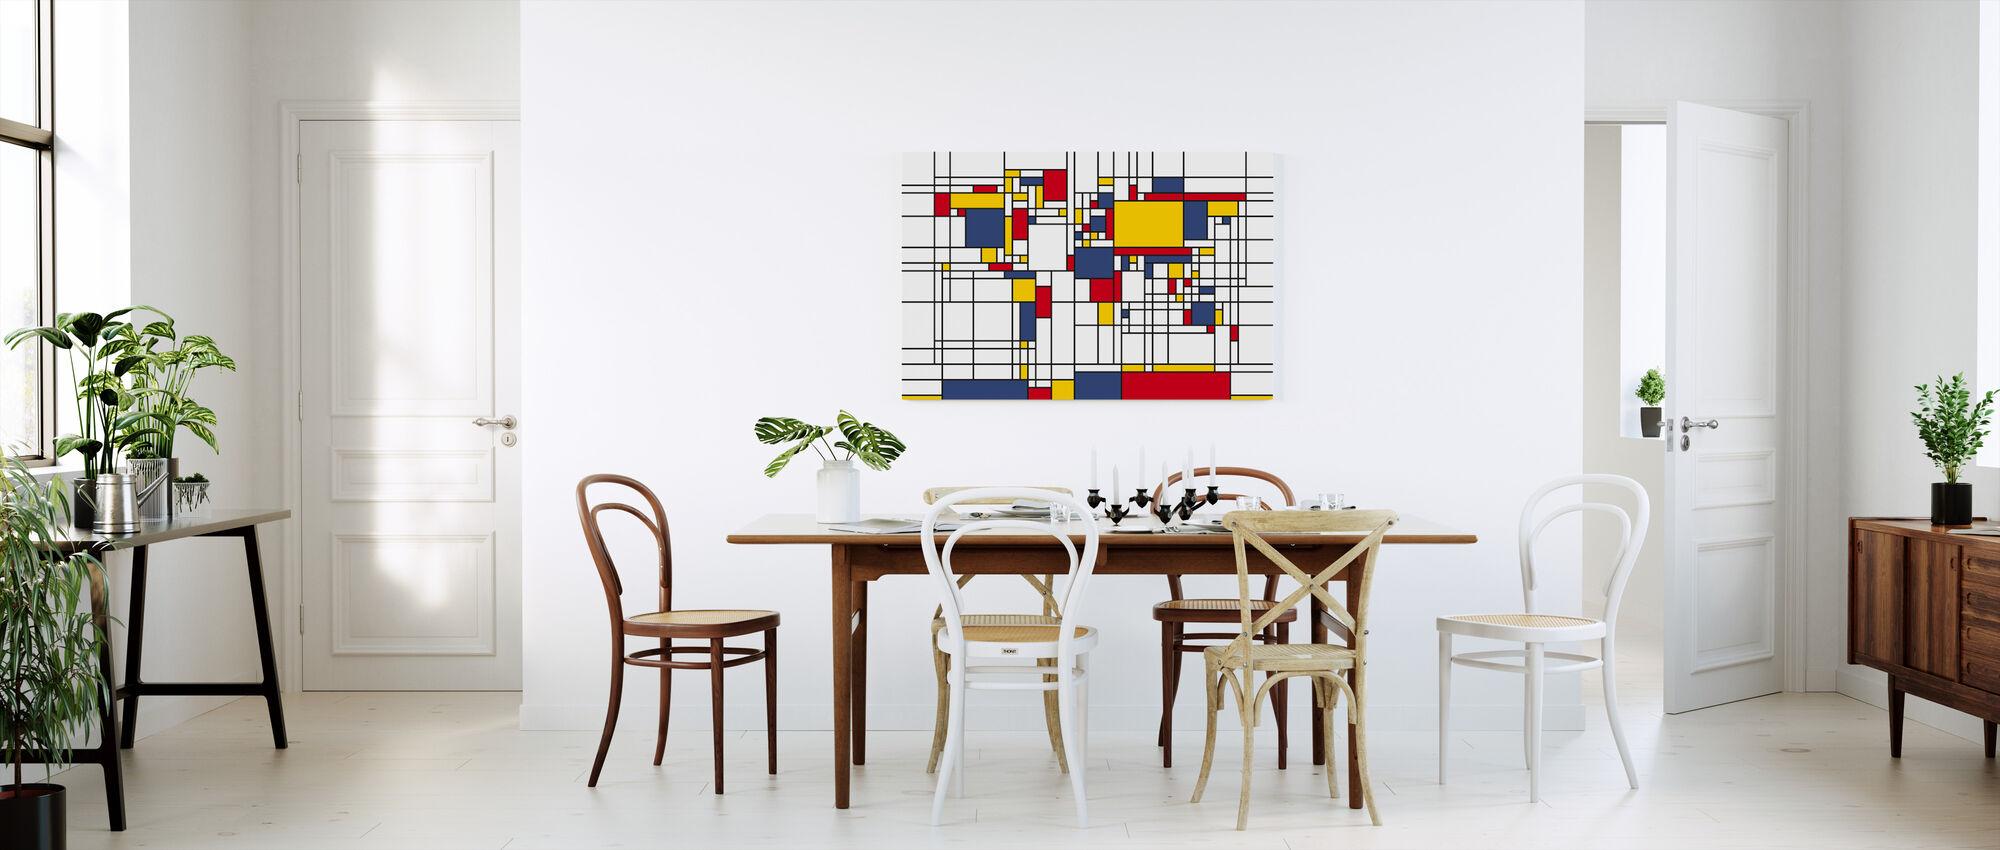 Piet Mondrian Style World Karta - Canvastavla - Kök